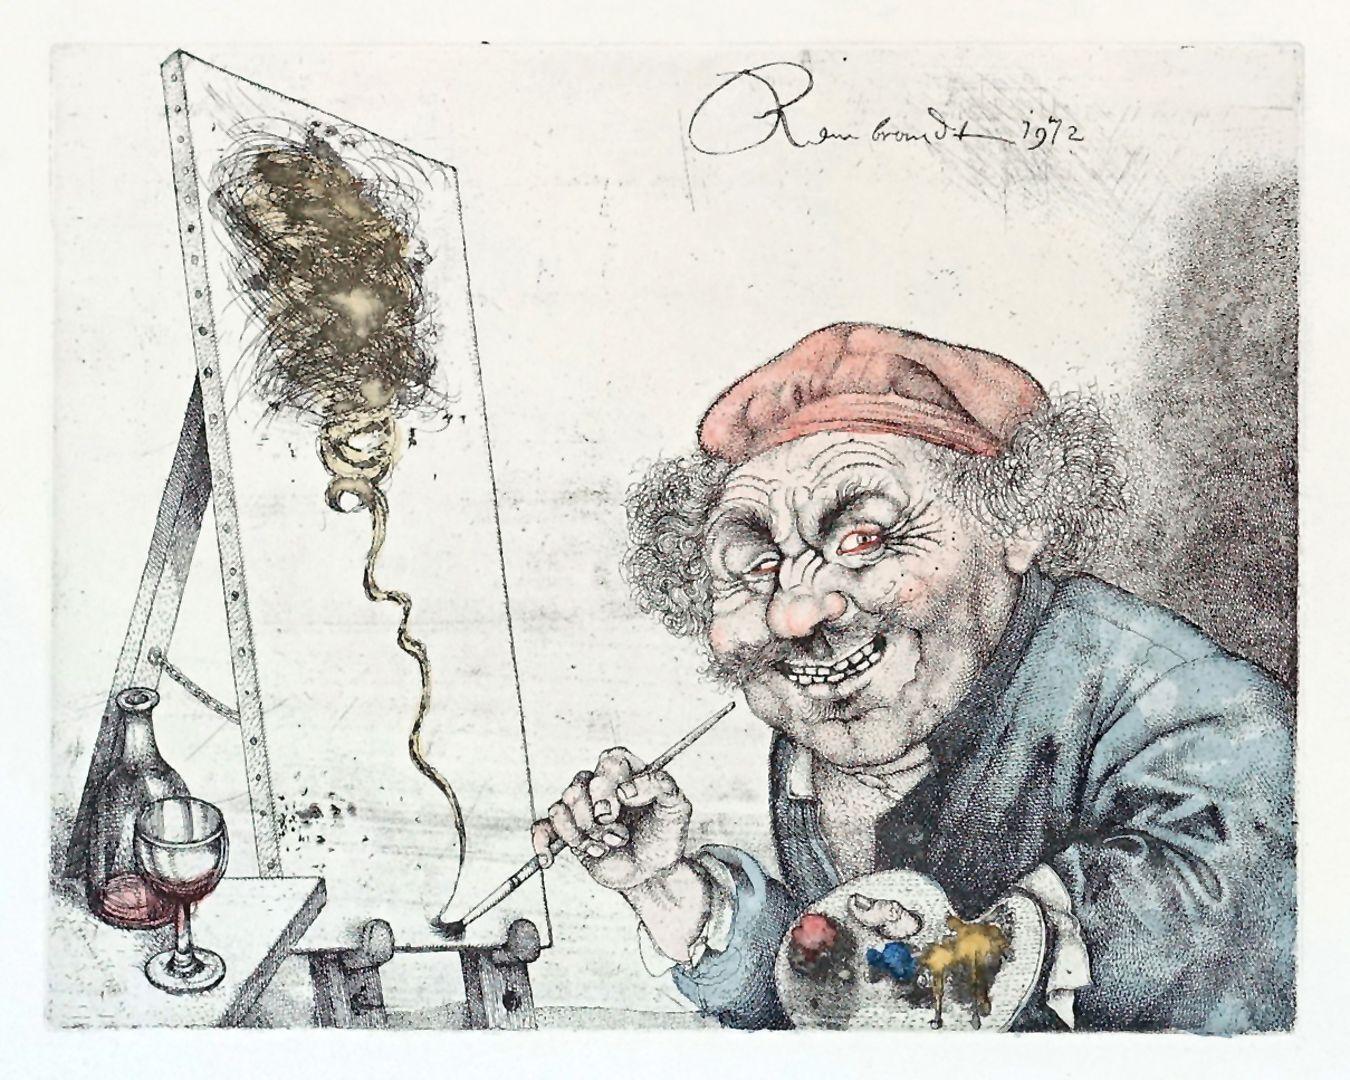 Rembrandt erfindet 1669 im volltrunkenen Zustand die informelle Malerei